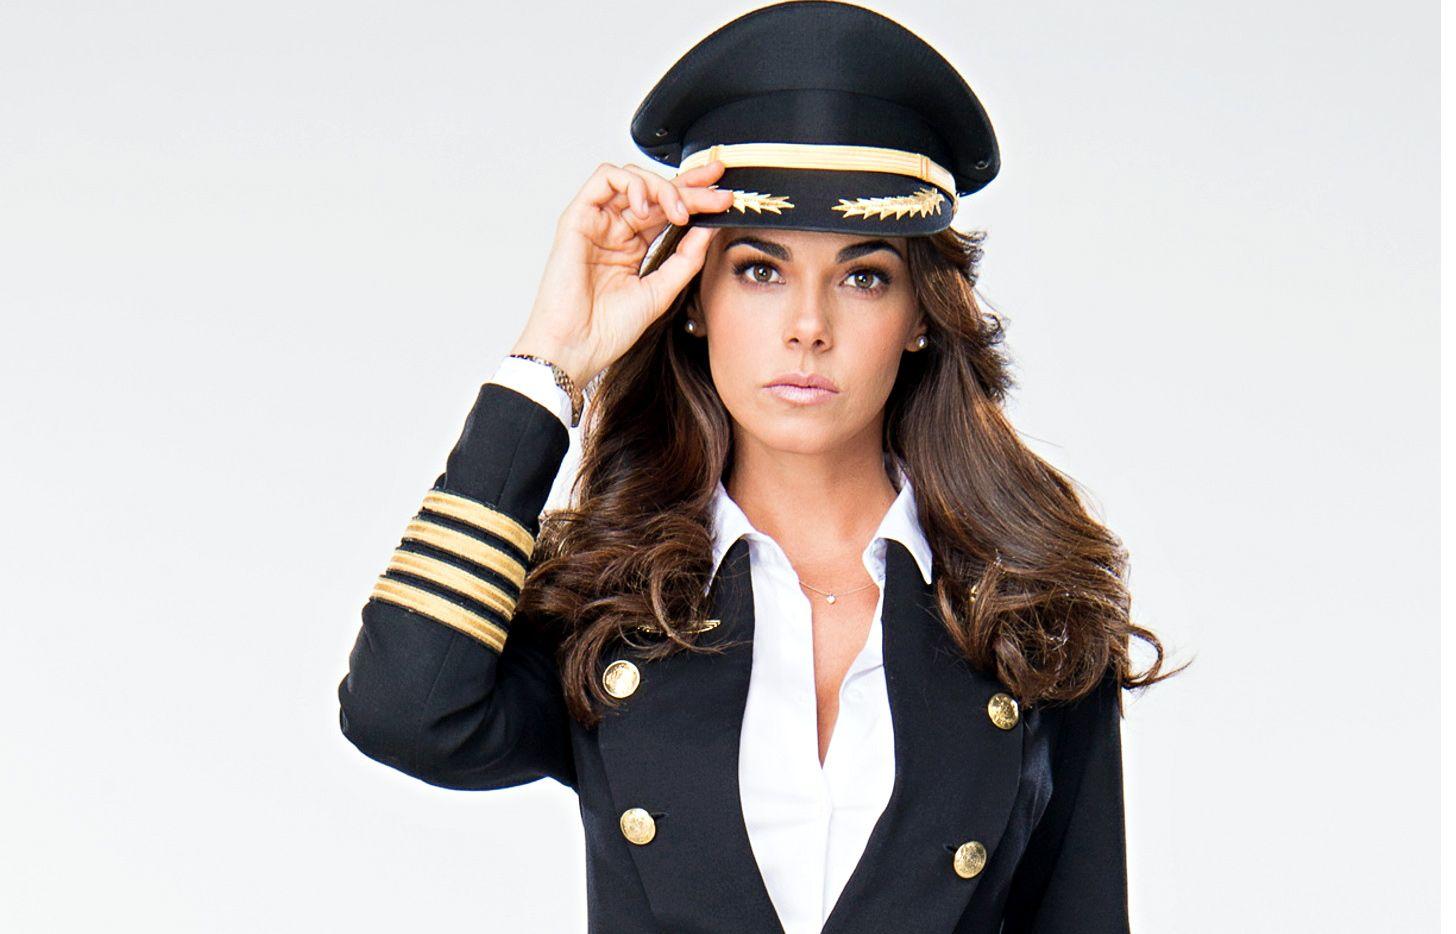 a actriz cubana Livia Brito admite que suele tomar decisiones precipitadas por ser apasionada e impetuosa. AGENCIA REFORMA